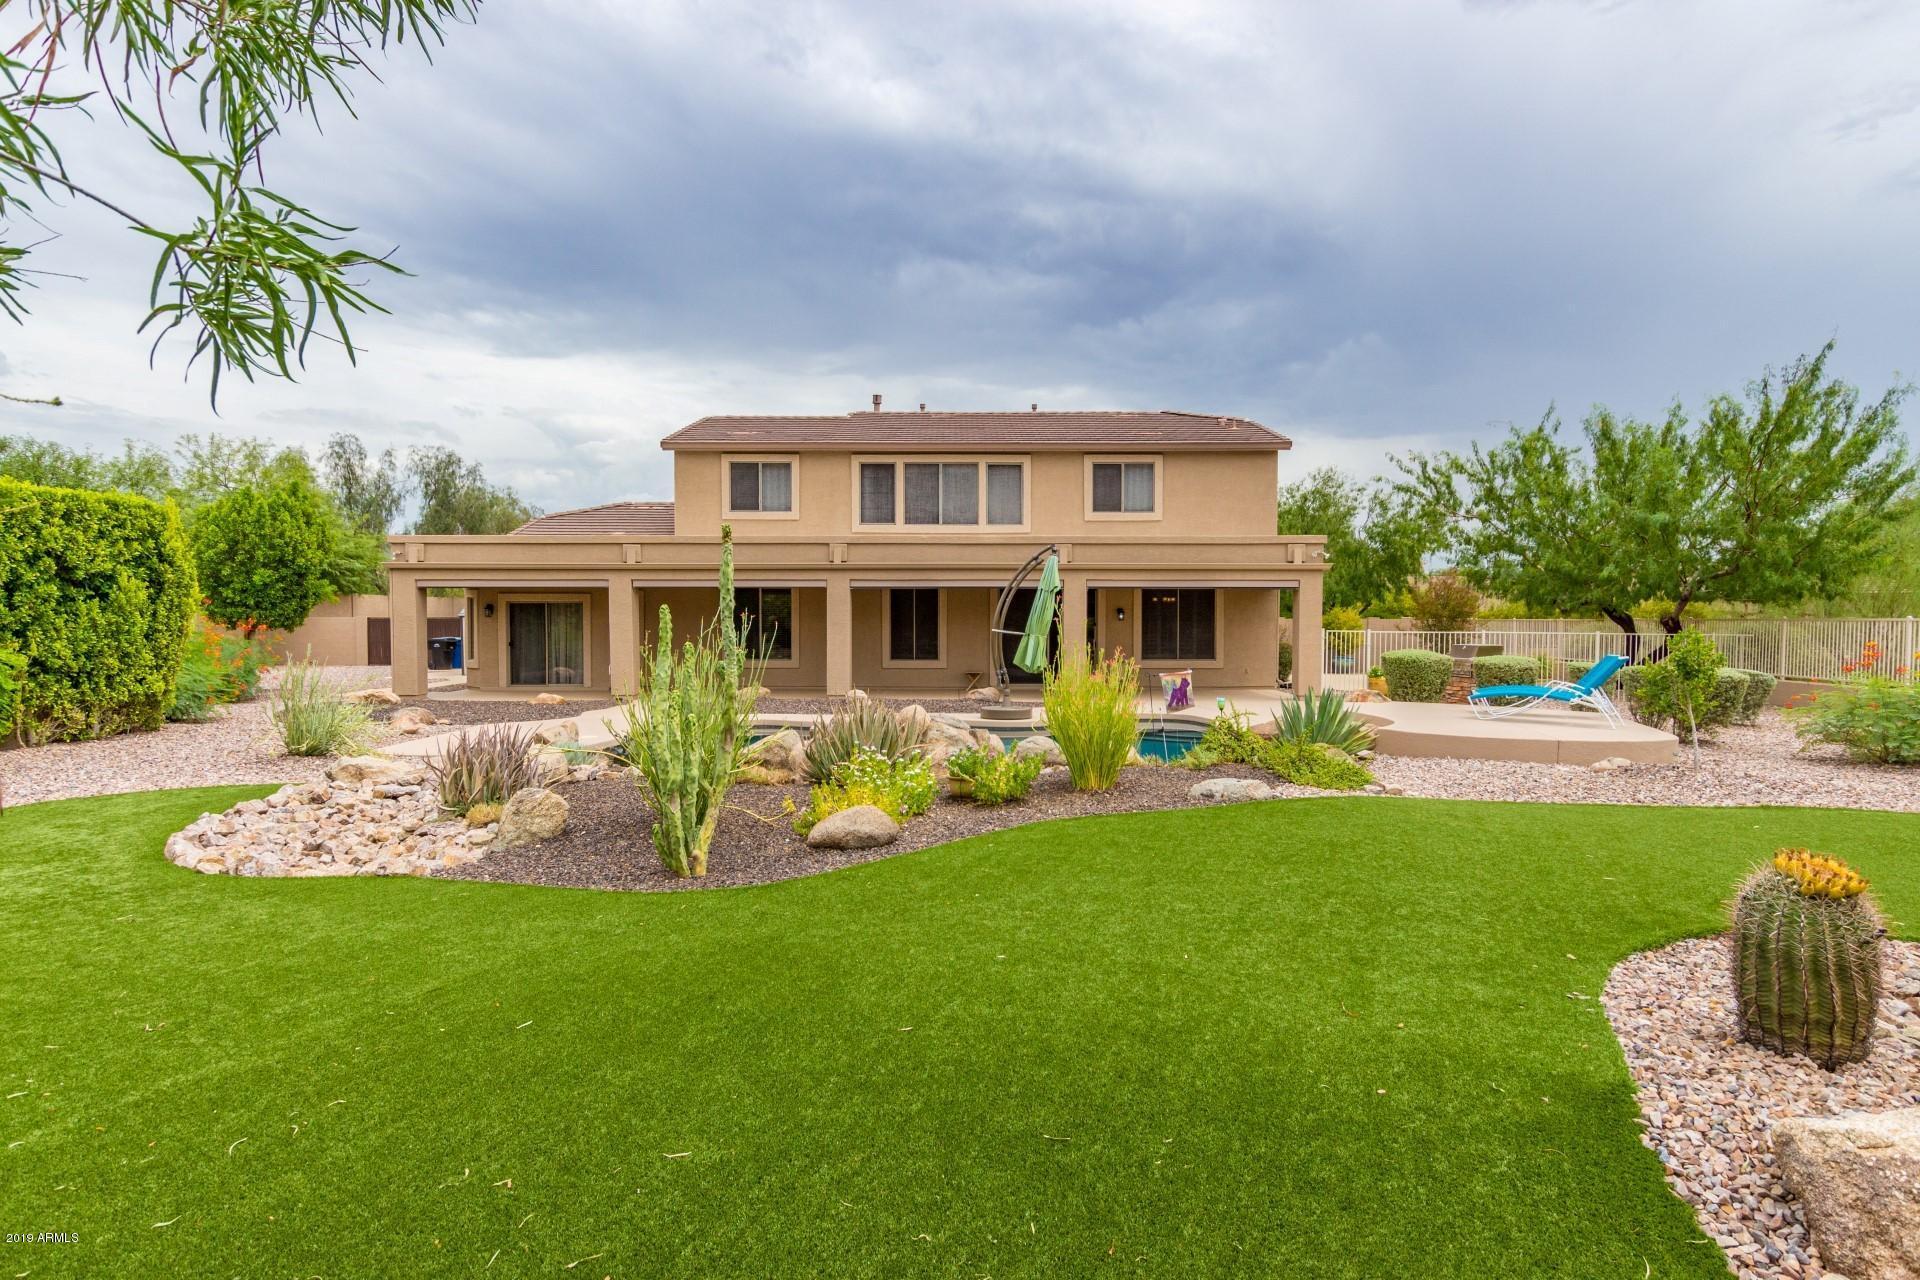 Photo of 2034 N HILLRIDGE Circle, Mesa, AZ 85207